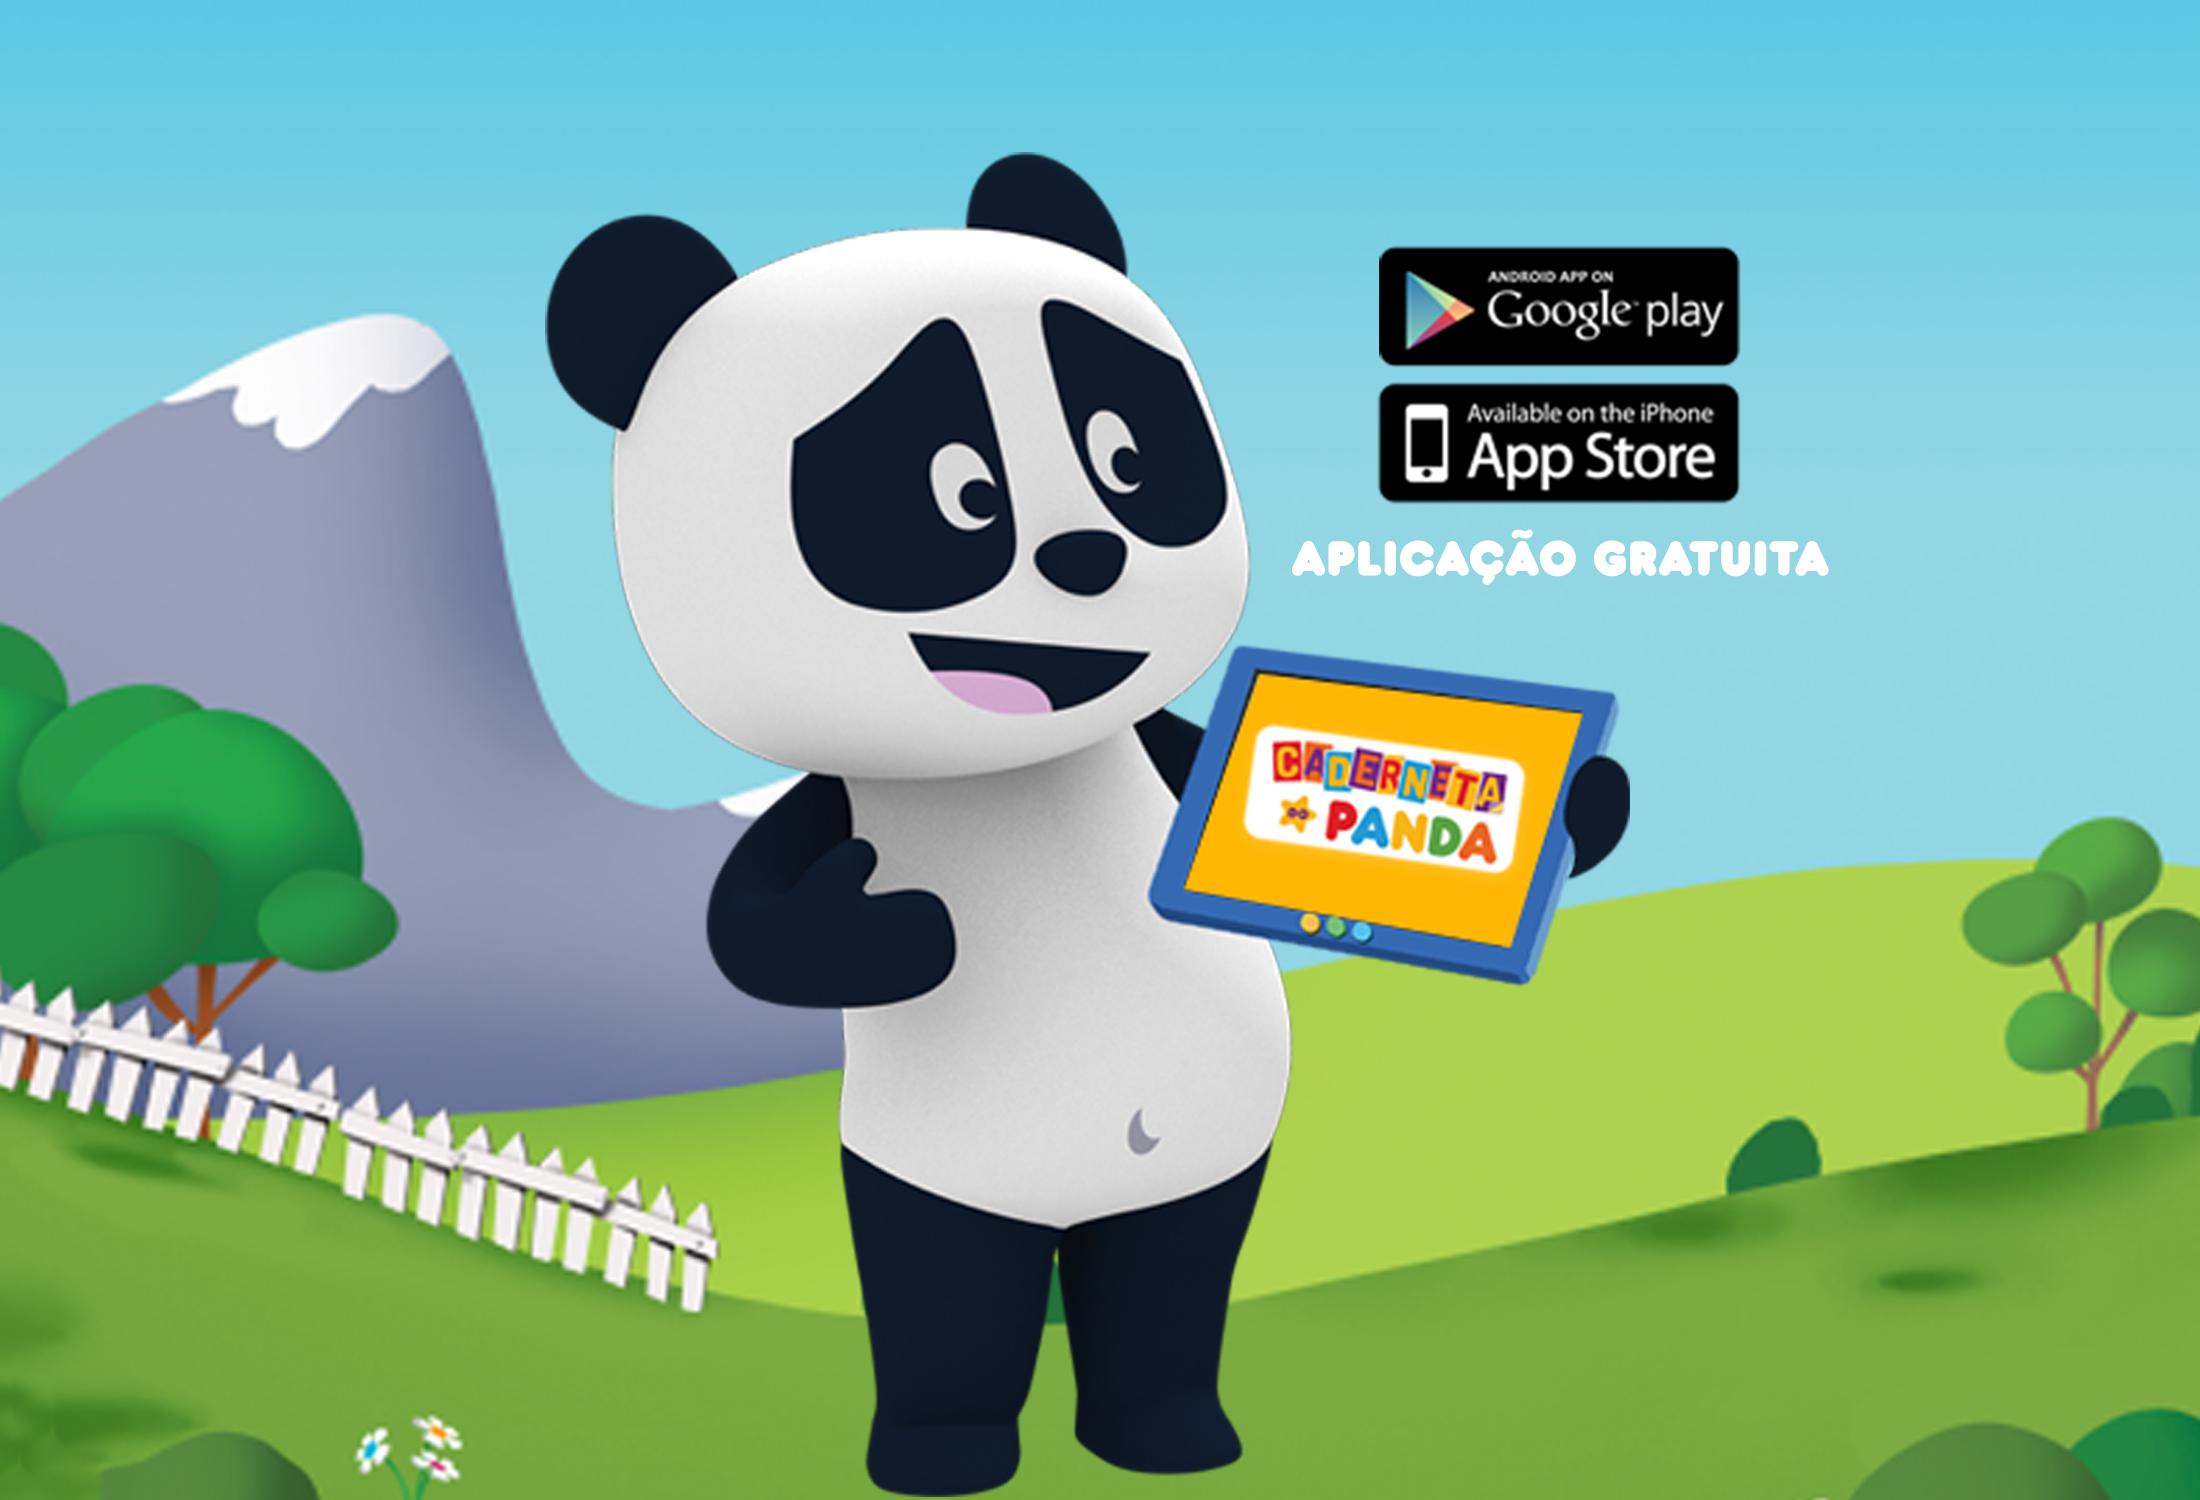 Aprende aqui como jogar a 'Caderneta do Panda'